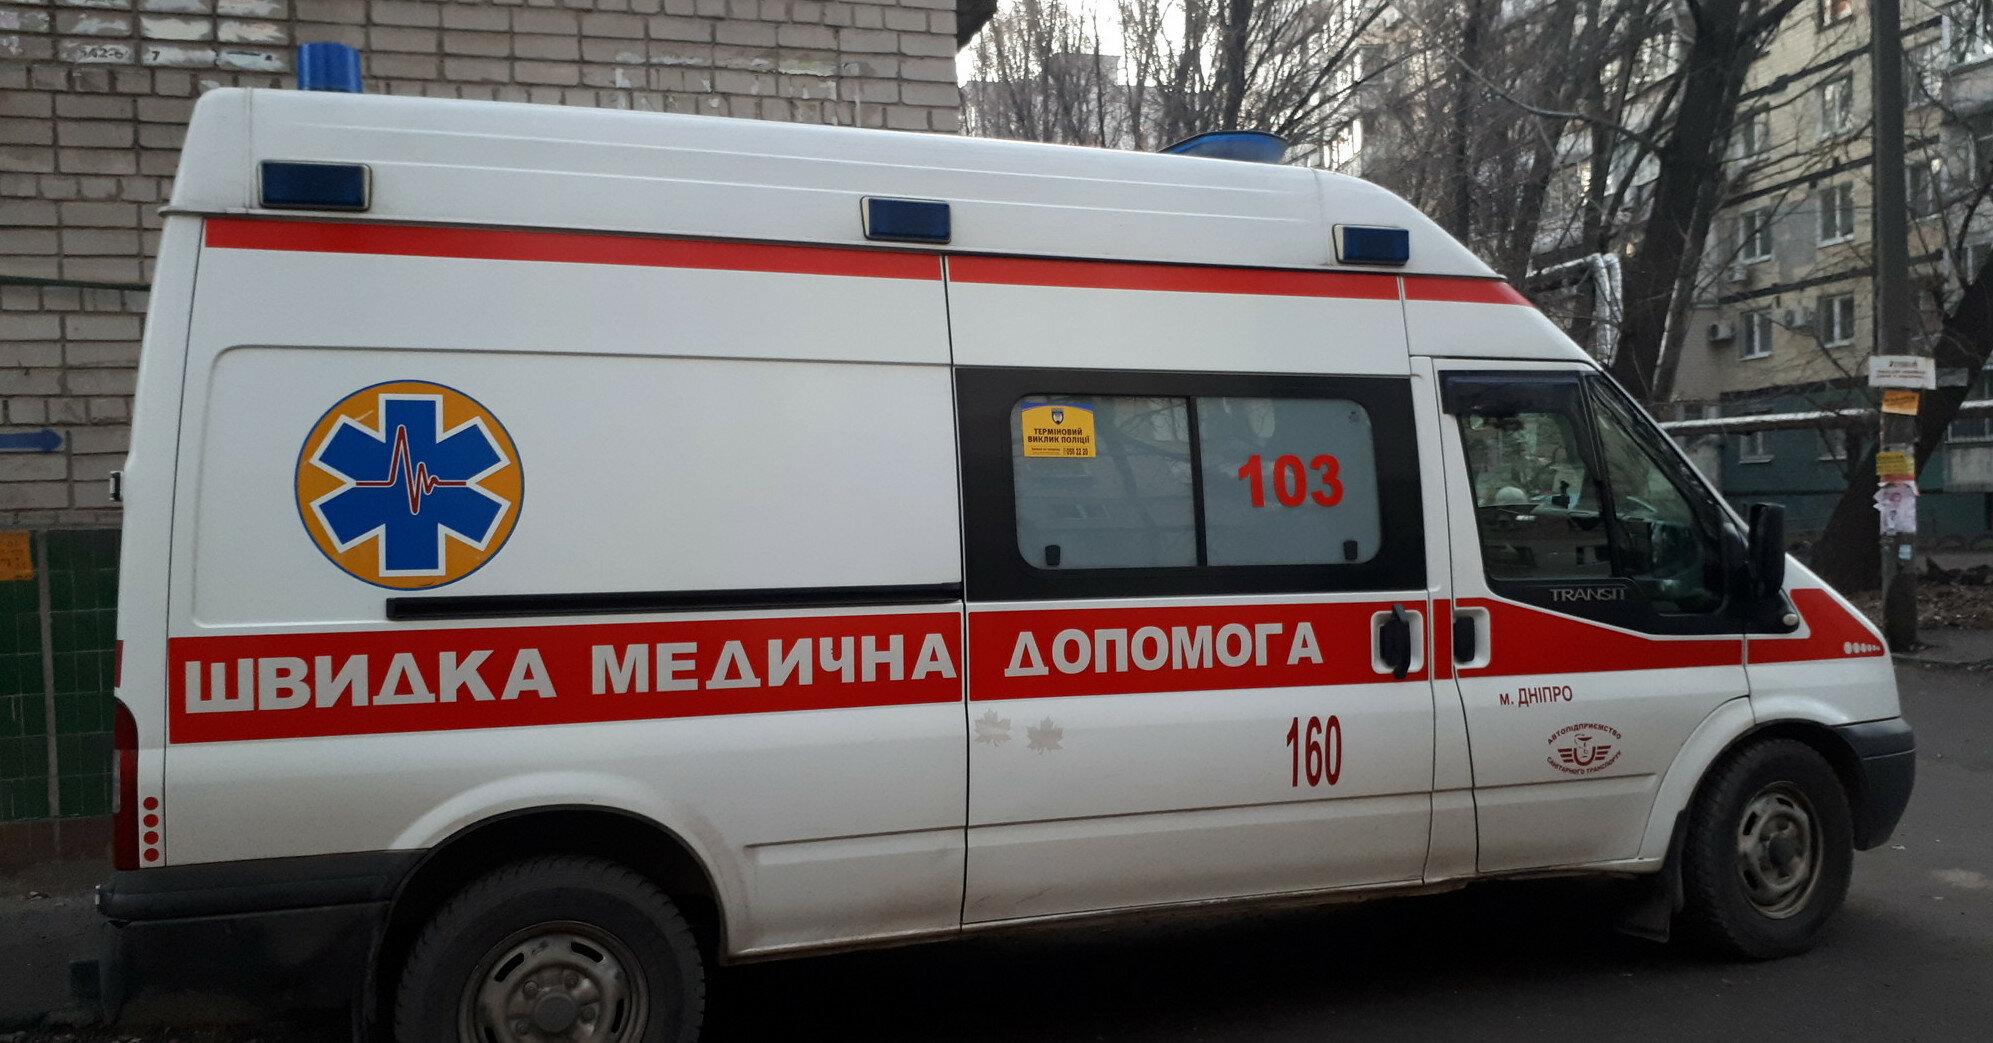 В Черкассах произошло ДТП: есть жертвы